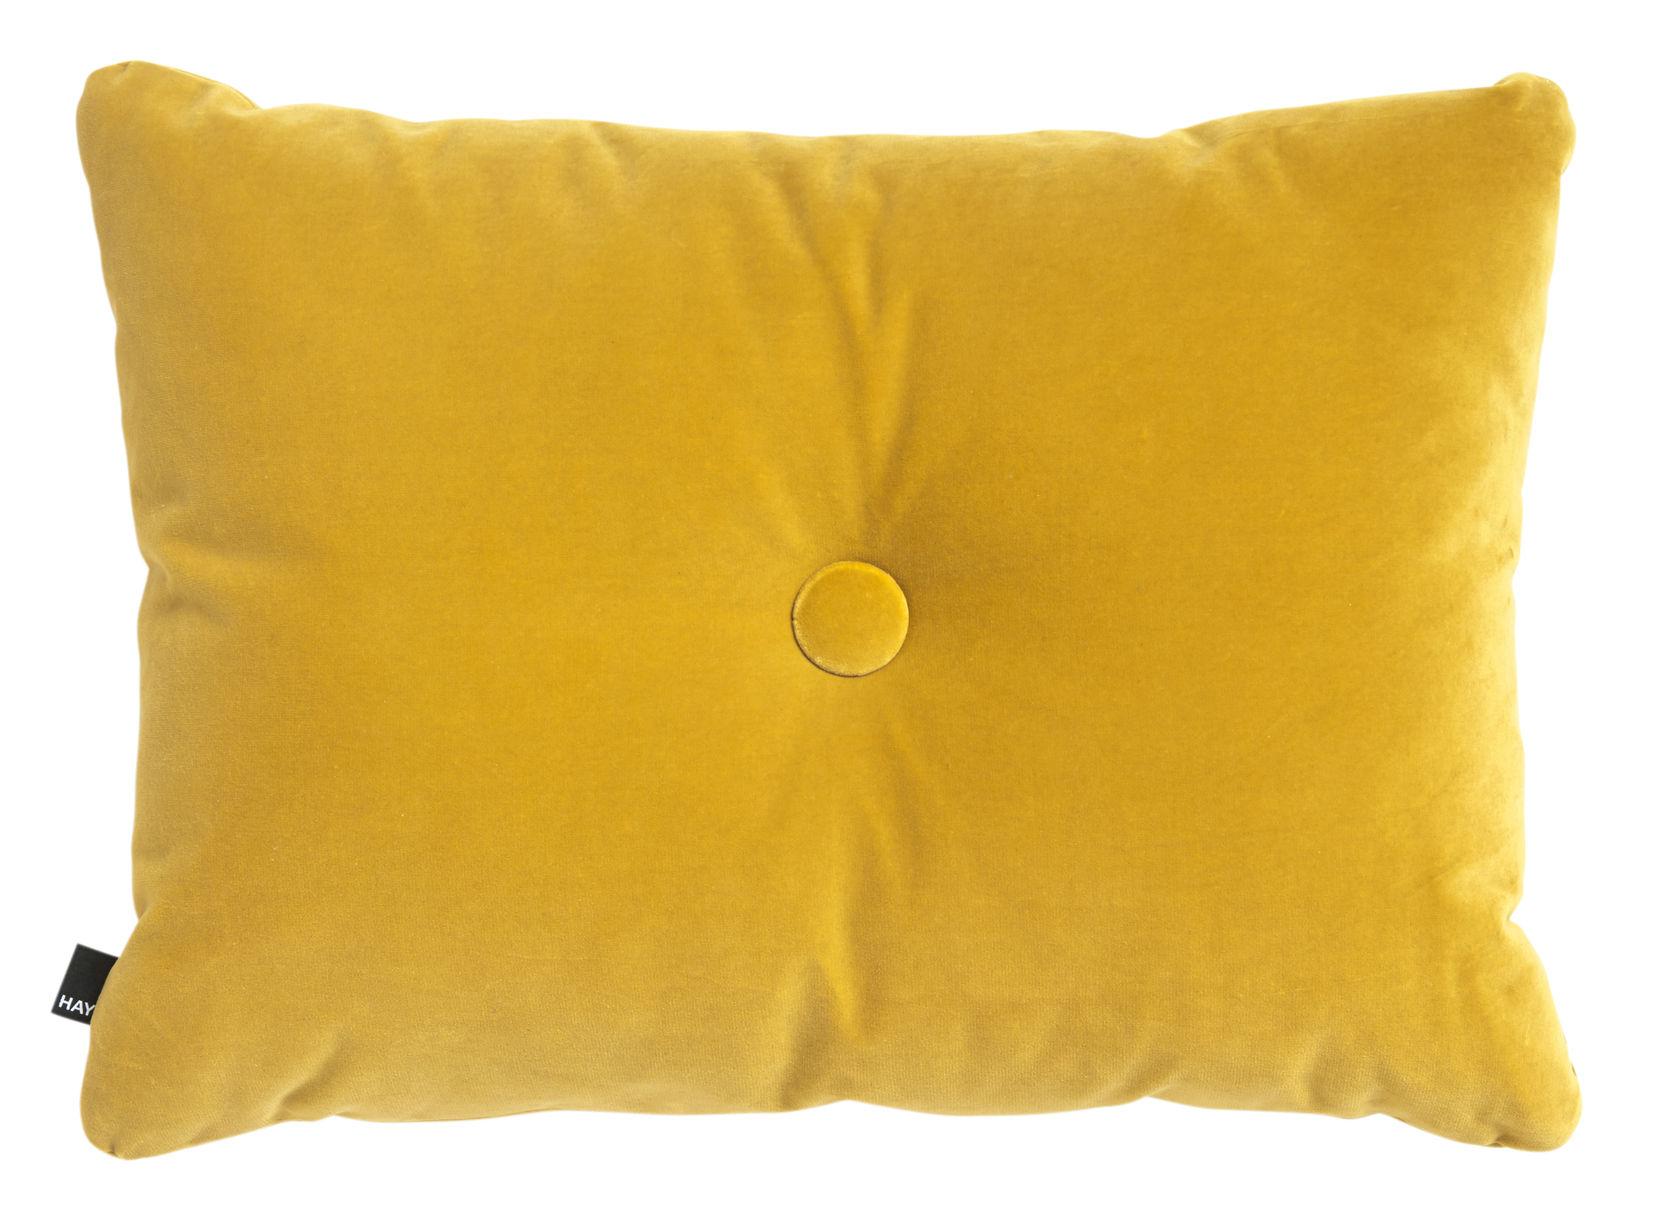 Déco - Coussins - Coussin Dot - Velours / 60 x 45 cm - Hay - Jaune - Coton (velours)